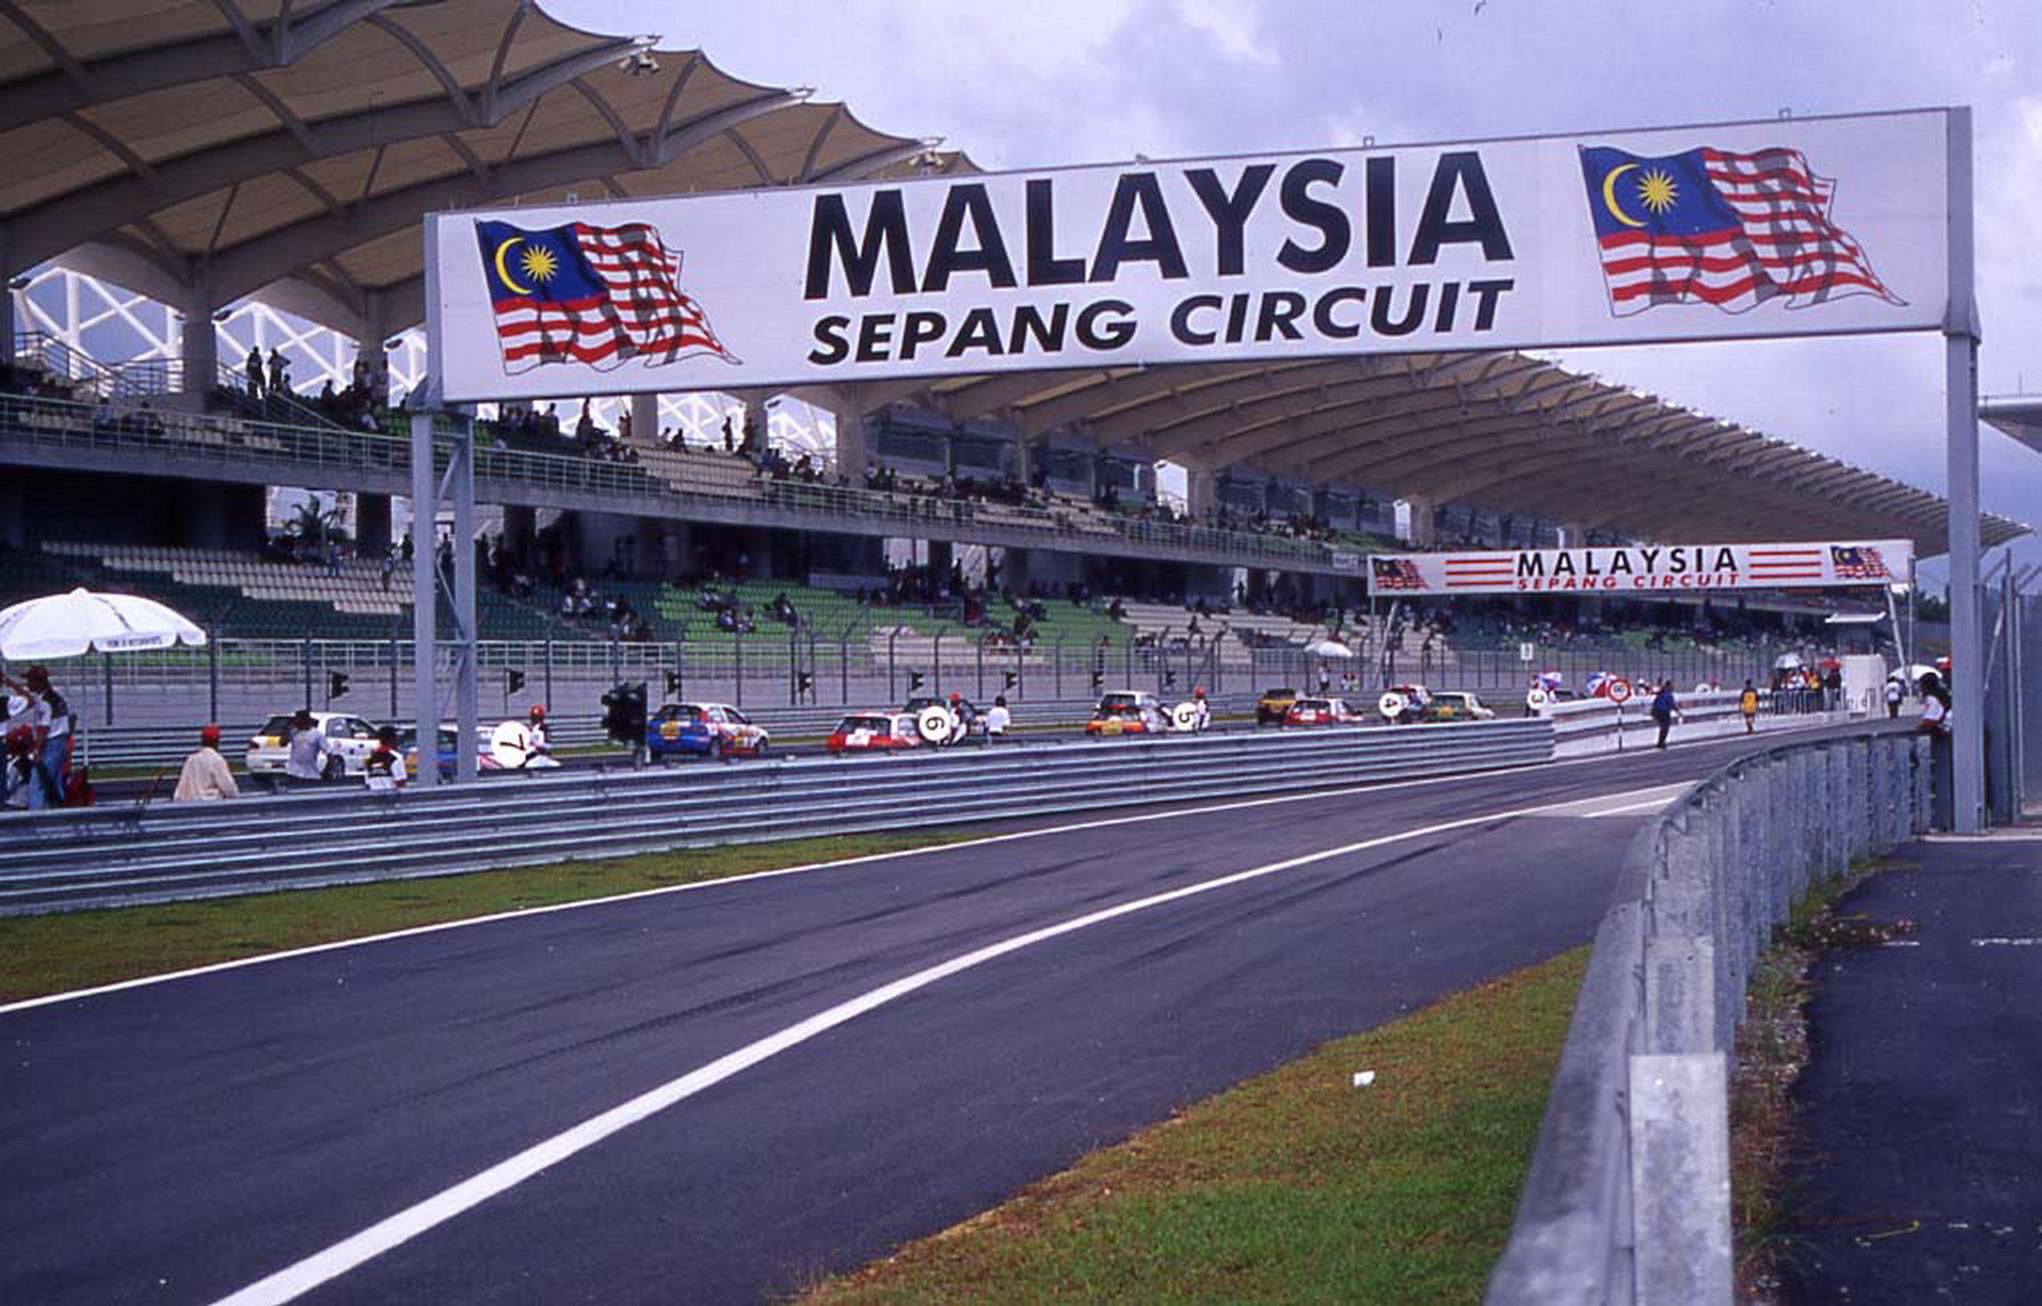 2008 F1賽車馬來西亞錦標賽